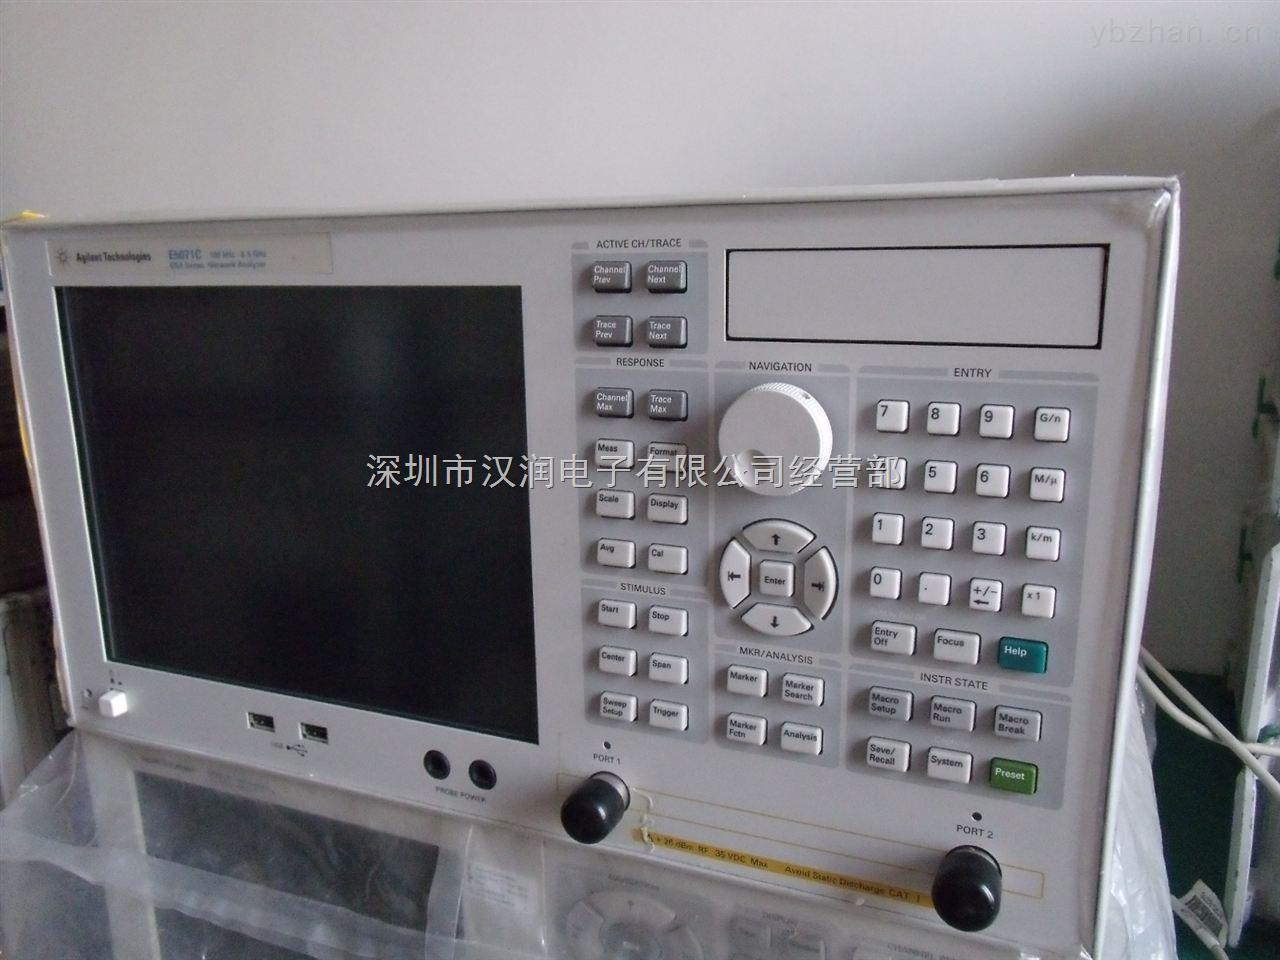 安捷伦E5071C二手 8G网络分析仪